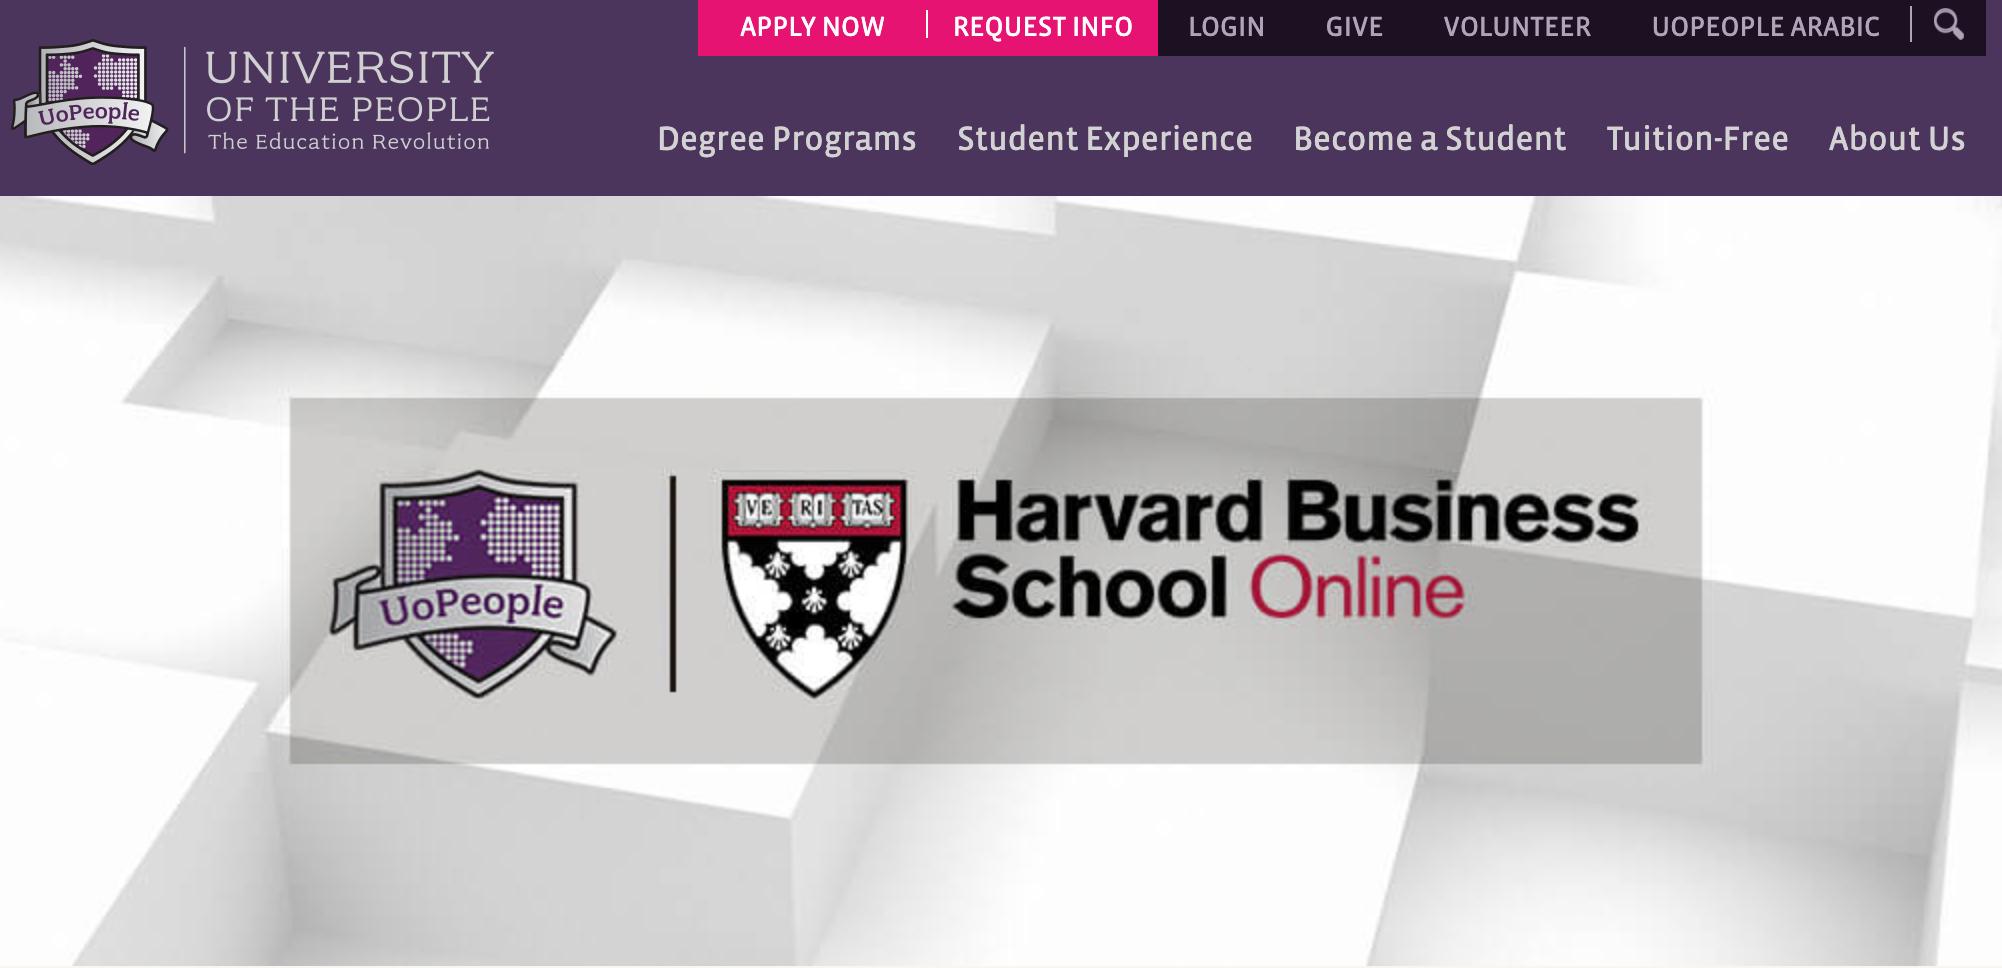 University of the Peopleがハーバード大学と提携